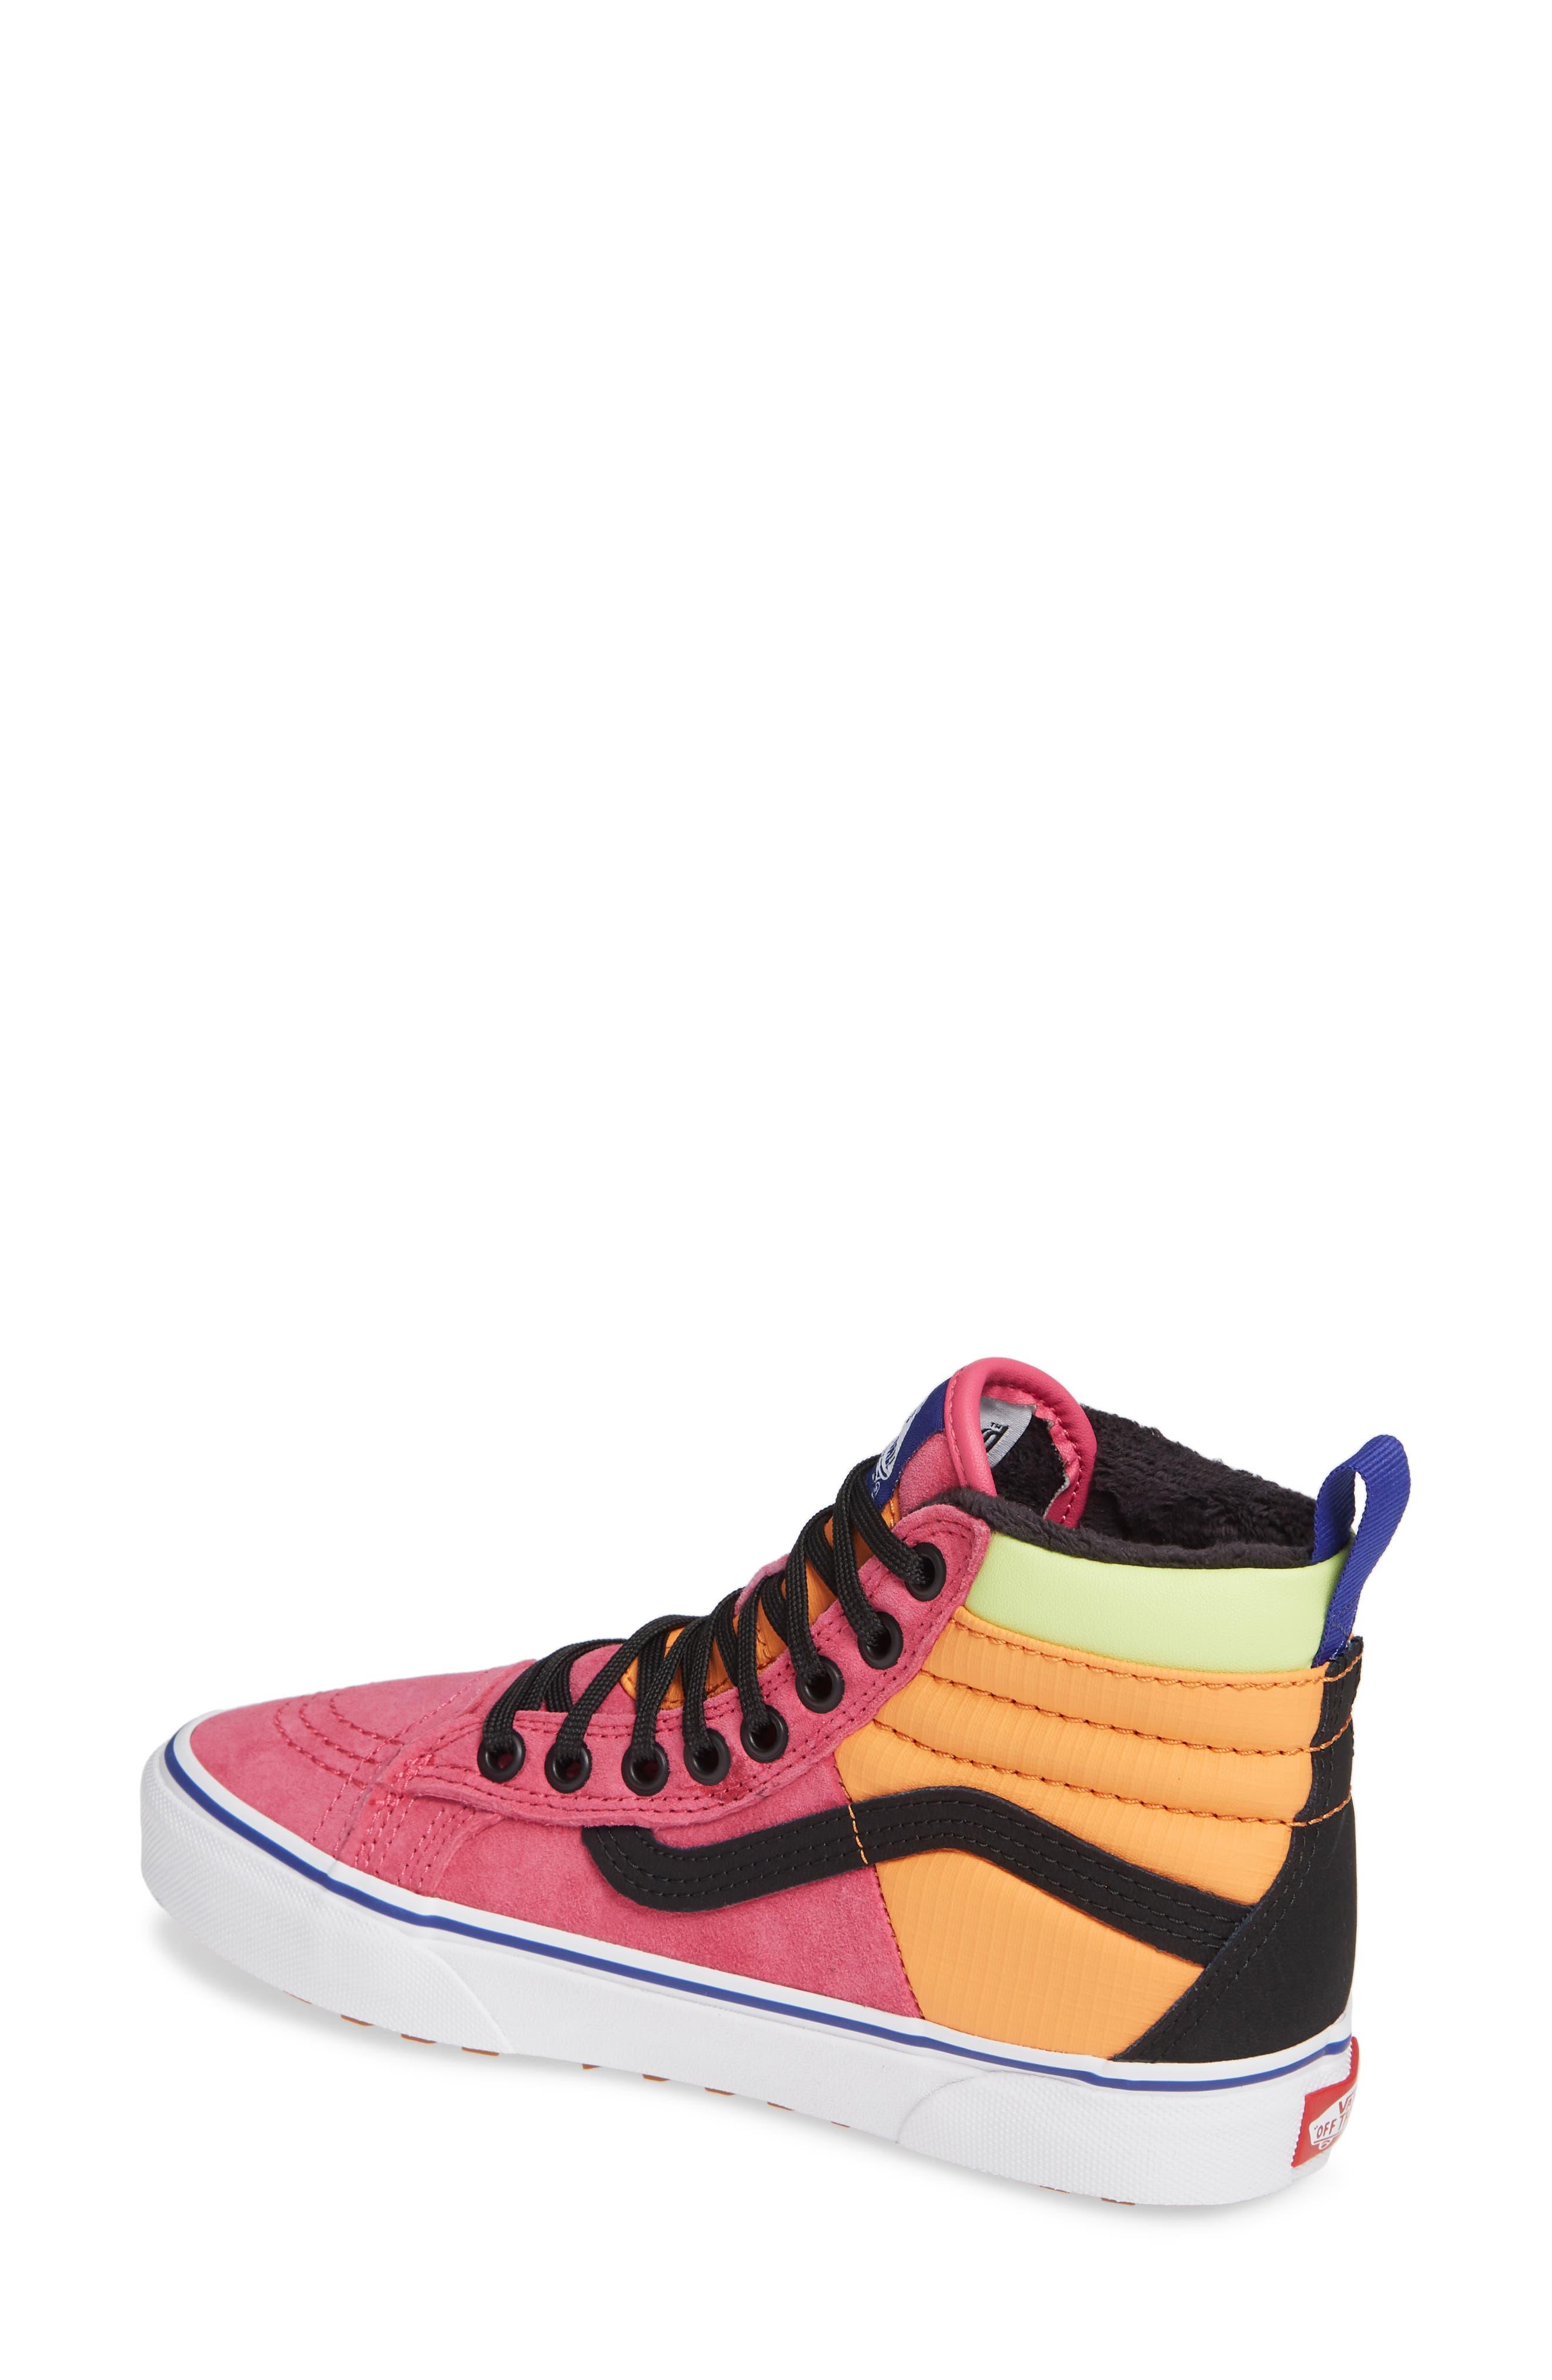 VANS,                             Sk8-Hi 46 MTE DX Sneaker,                             Alternate thumbnail 2, color,                             PINK YARROW/ TANGERINE/ BLACK